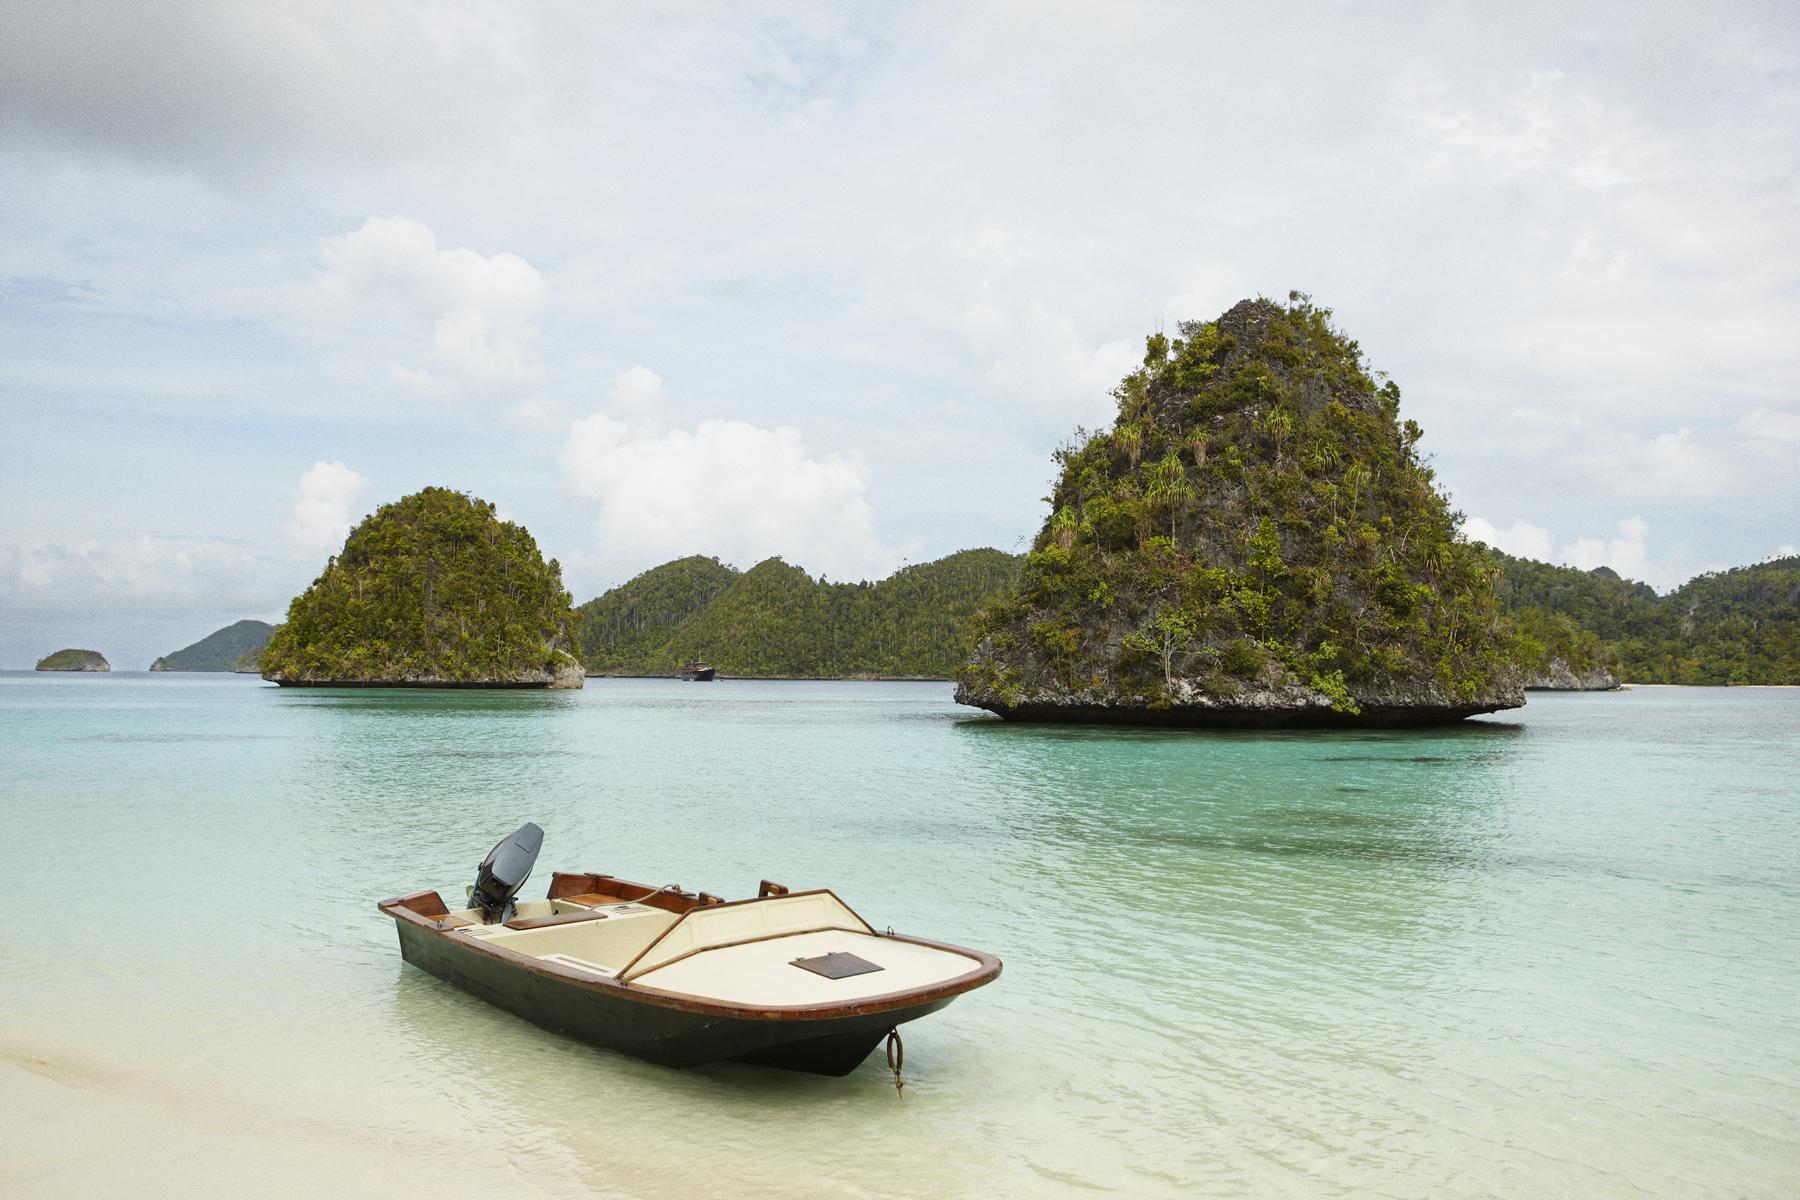 Ruderboot am Strand von Indonesien auf einer Reise mit der Amanikan von Aman Cruises